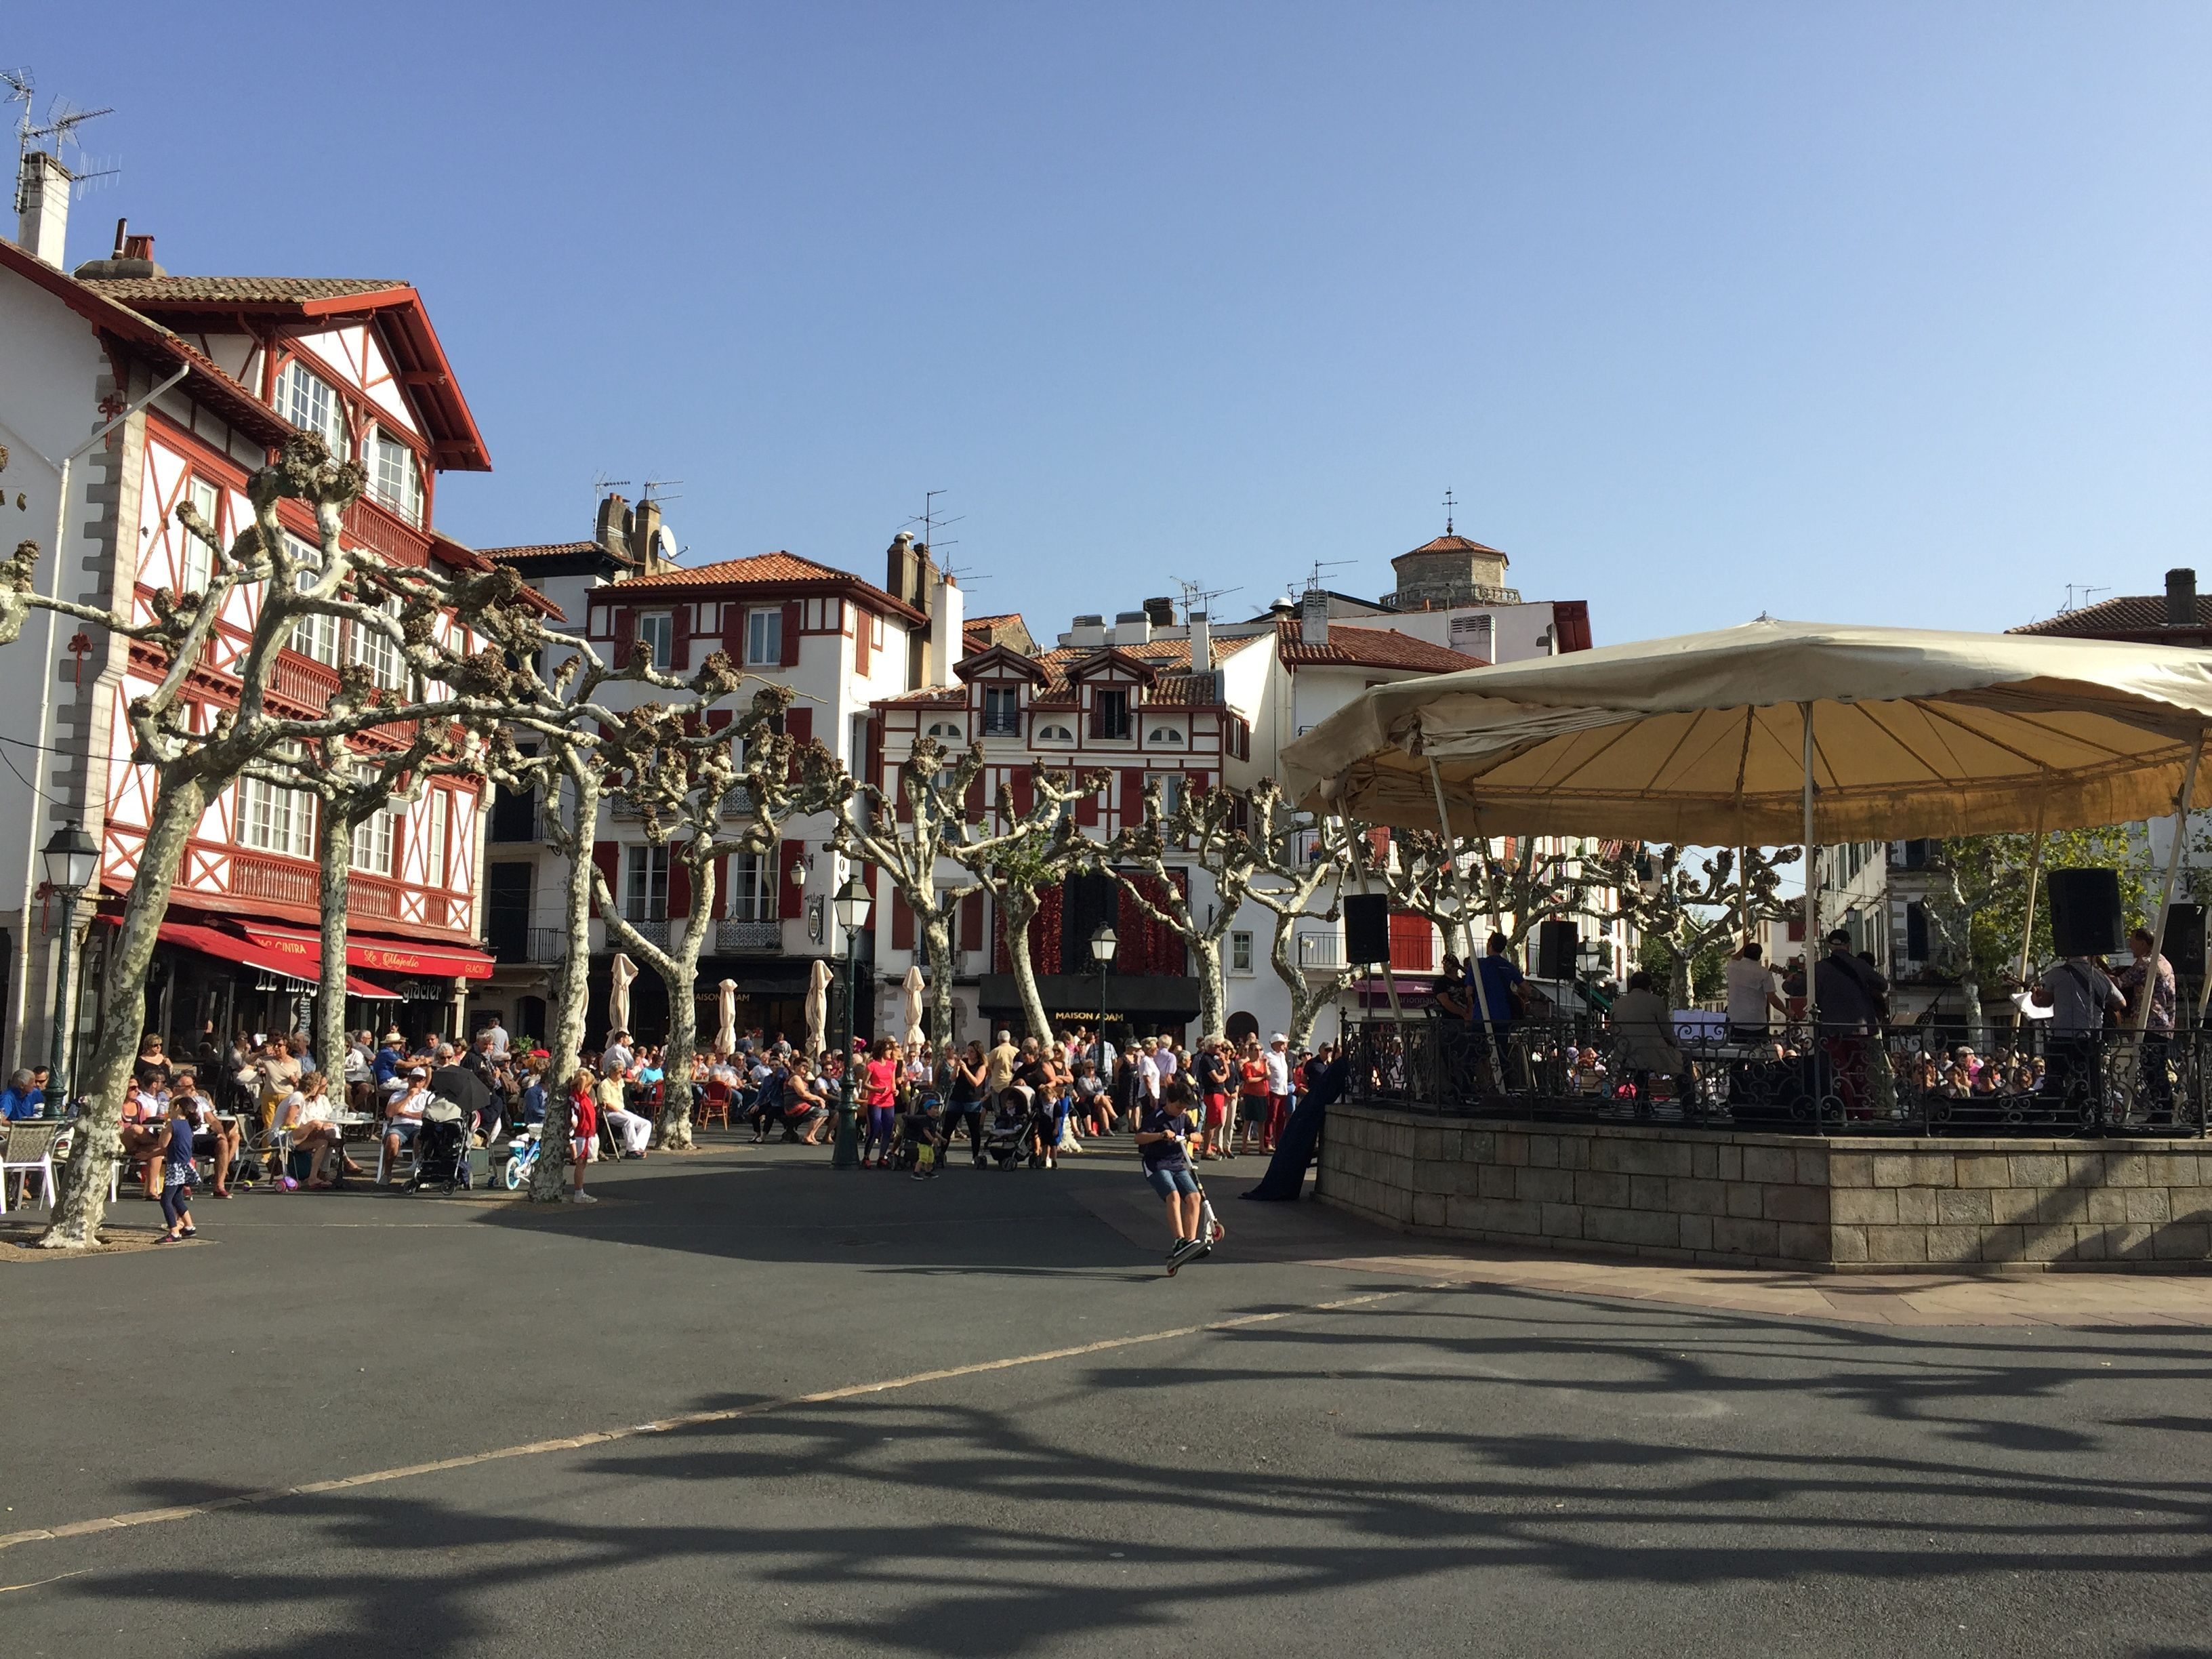 Epingle Par Gerardin Royer Sur Pays Basque Pays Basque Saint Jean De Luz Locations Vacances